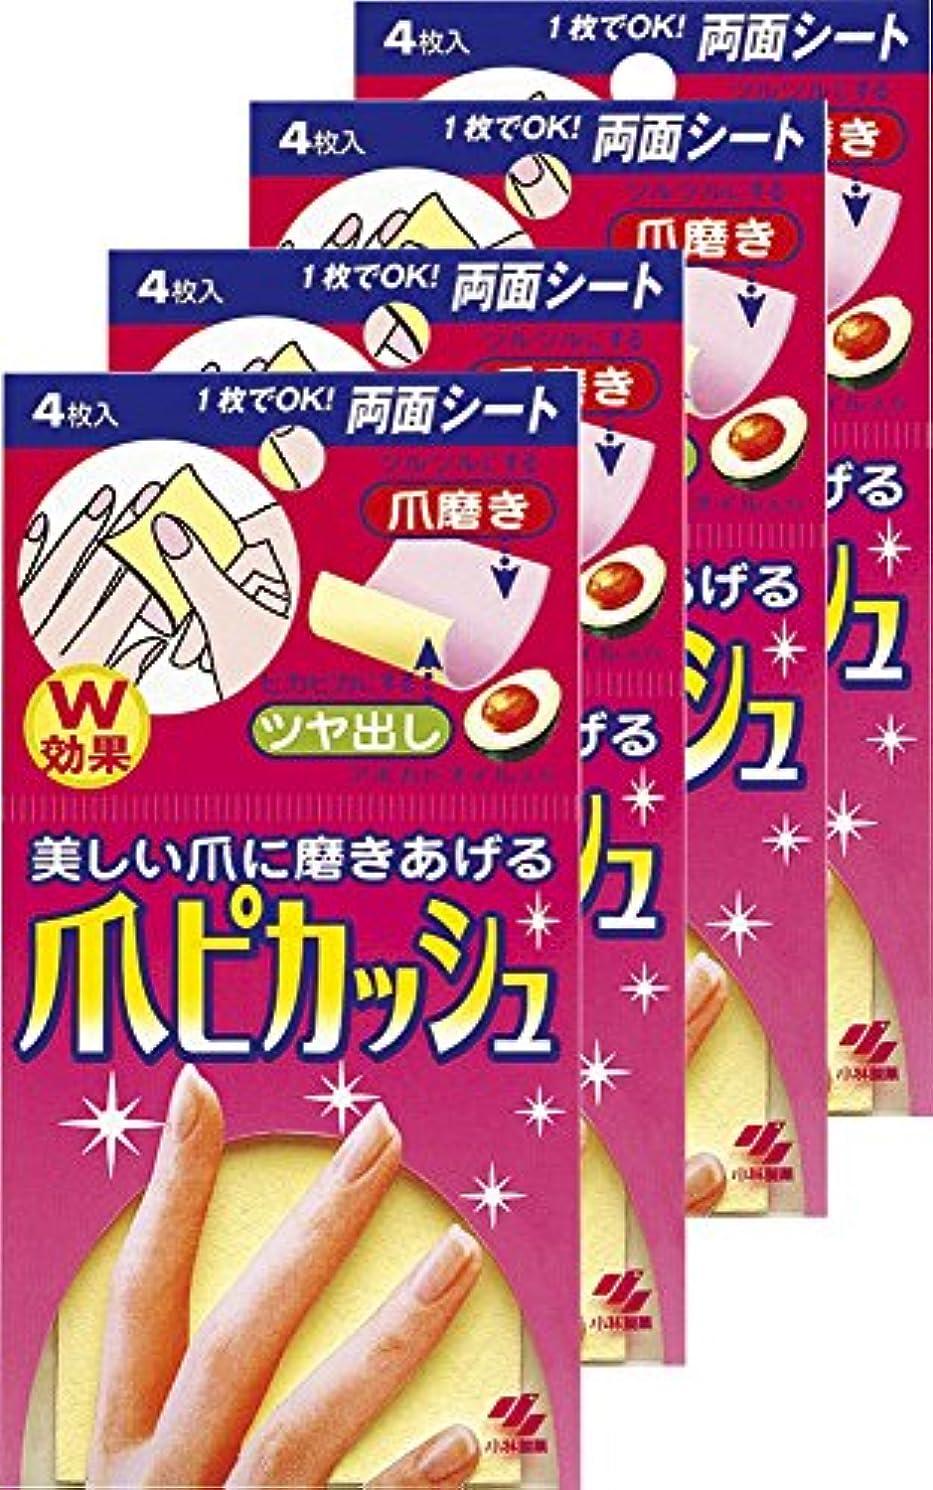 取り除く話危険な【まとめ買い】爪ピカッシュ 爪磨きシート 4枚×4個